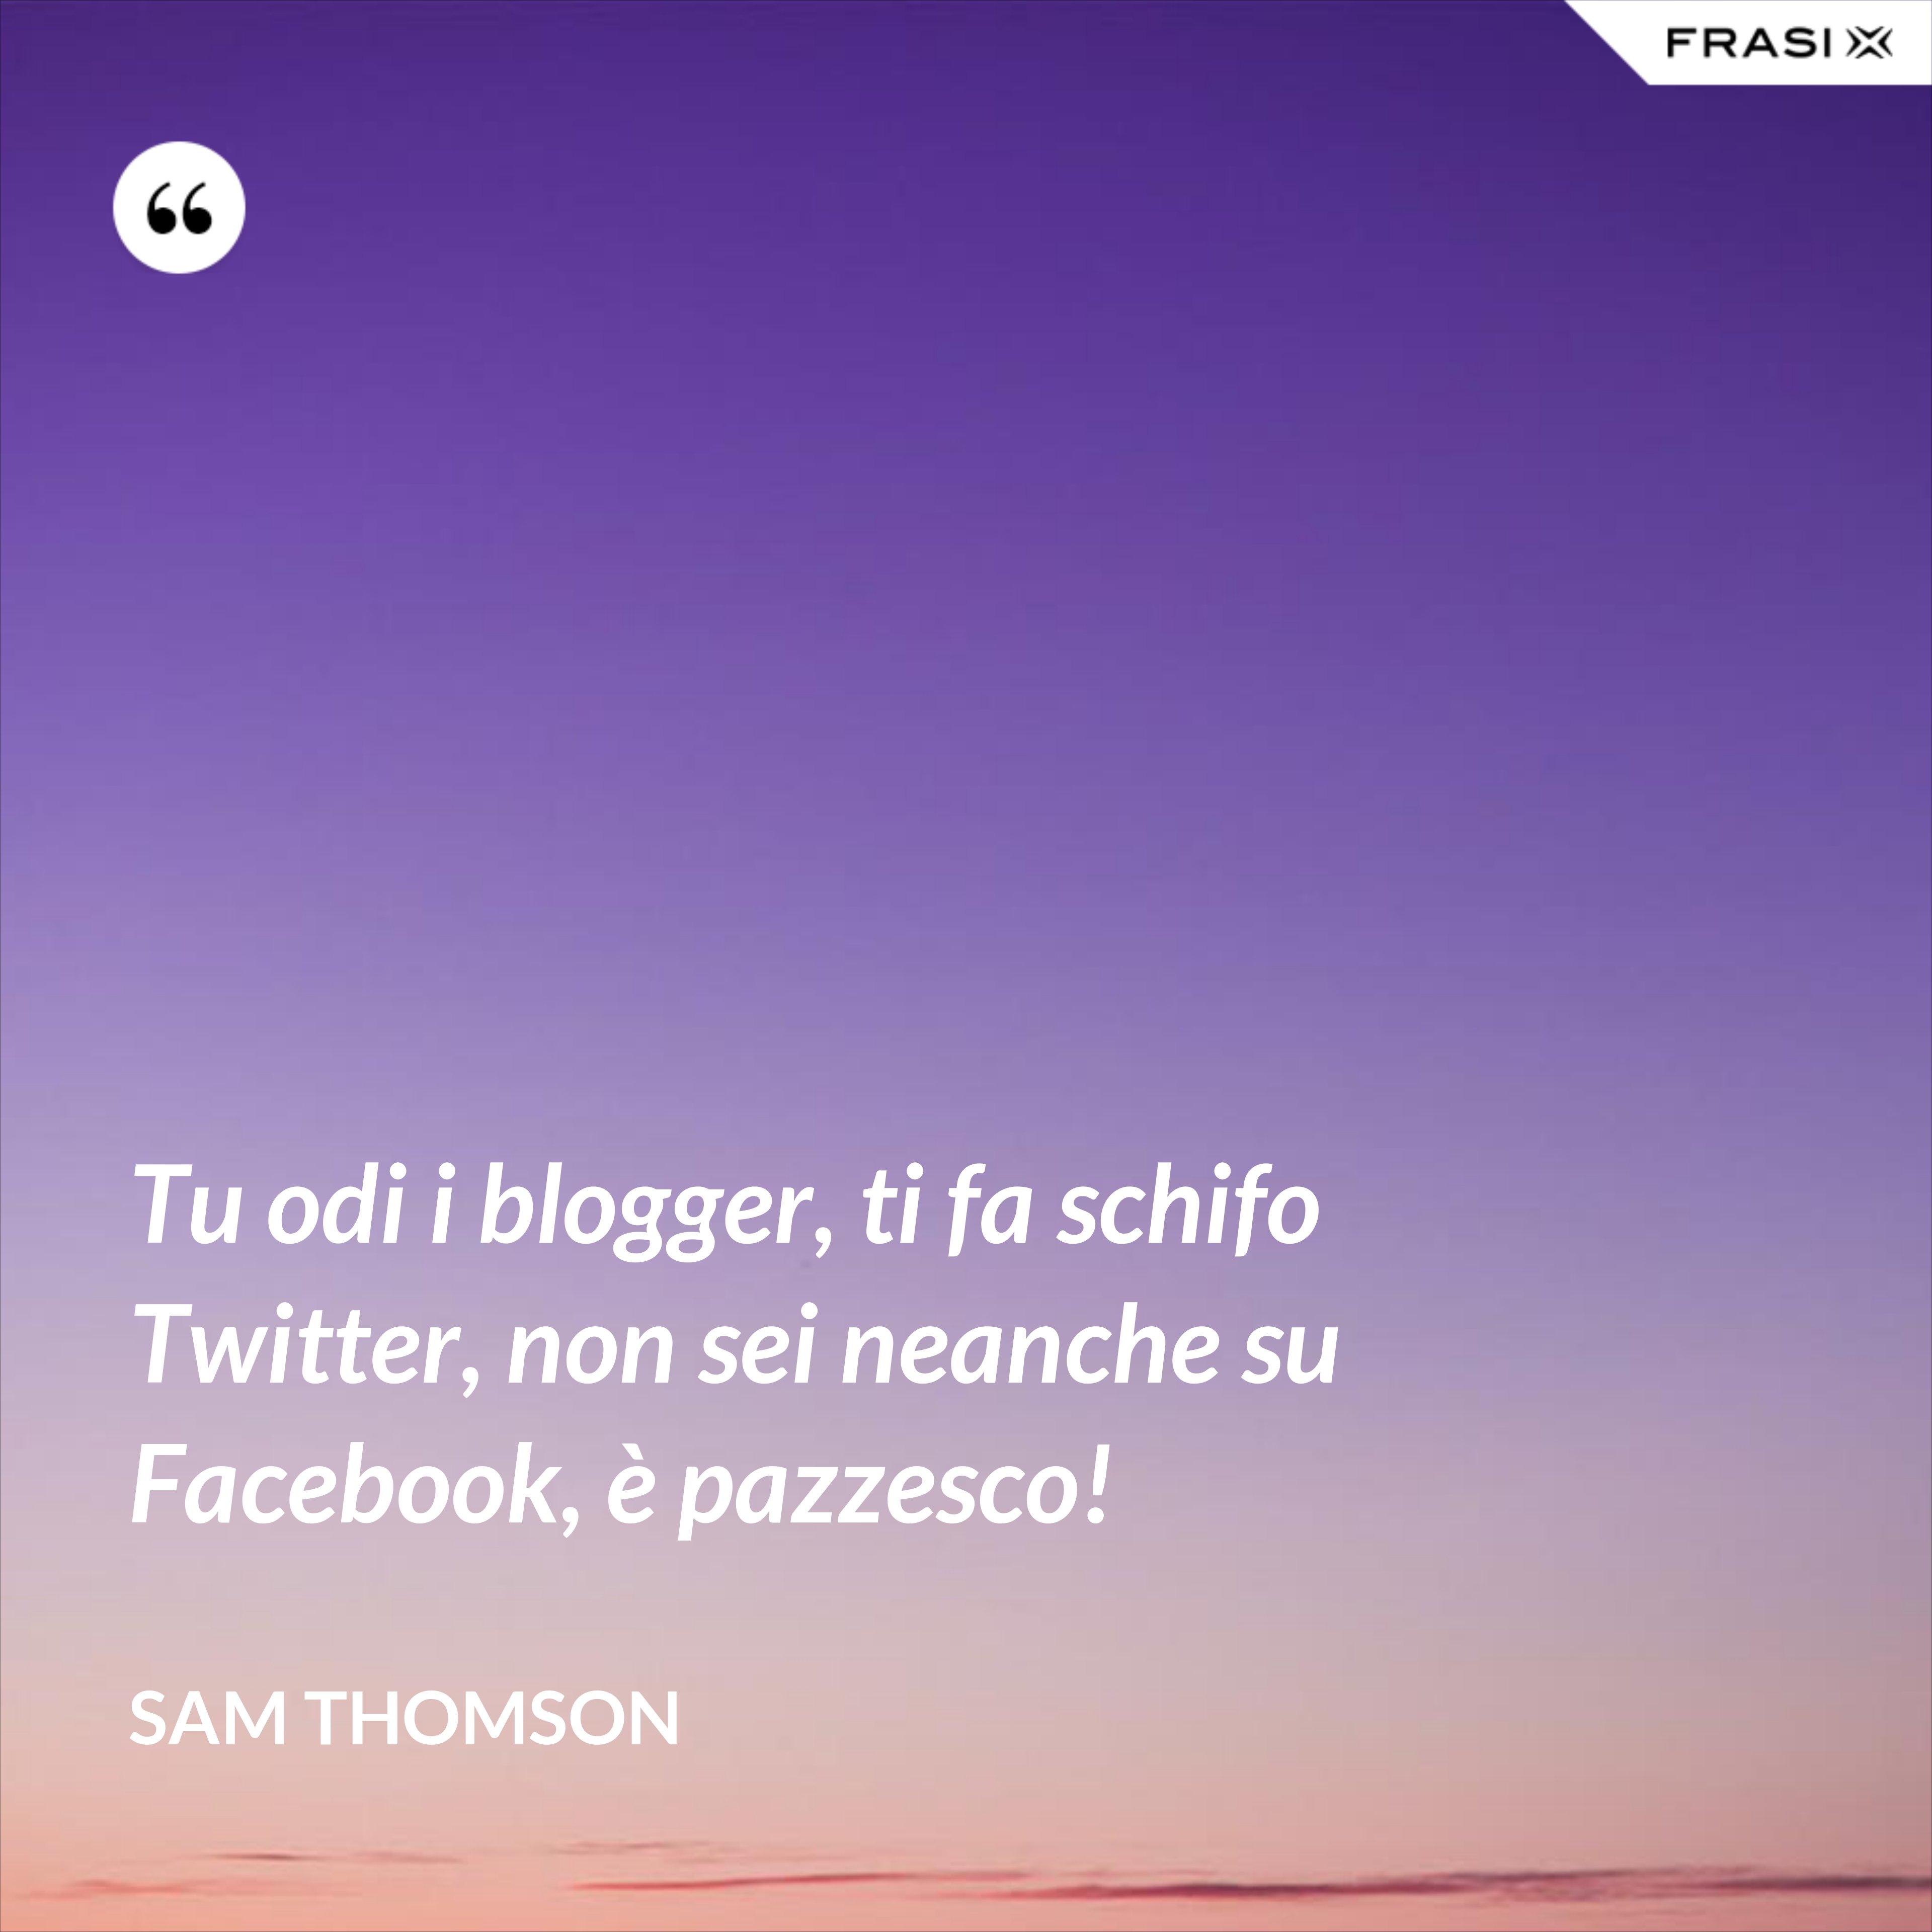 Tu odi i blogger, ti fa schifo Twitter, non sei neanche su Facebook, è pazzesco! - Sam Thomson